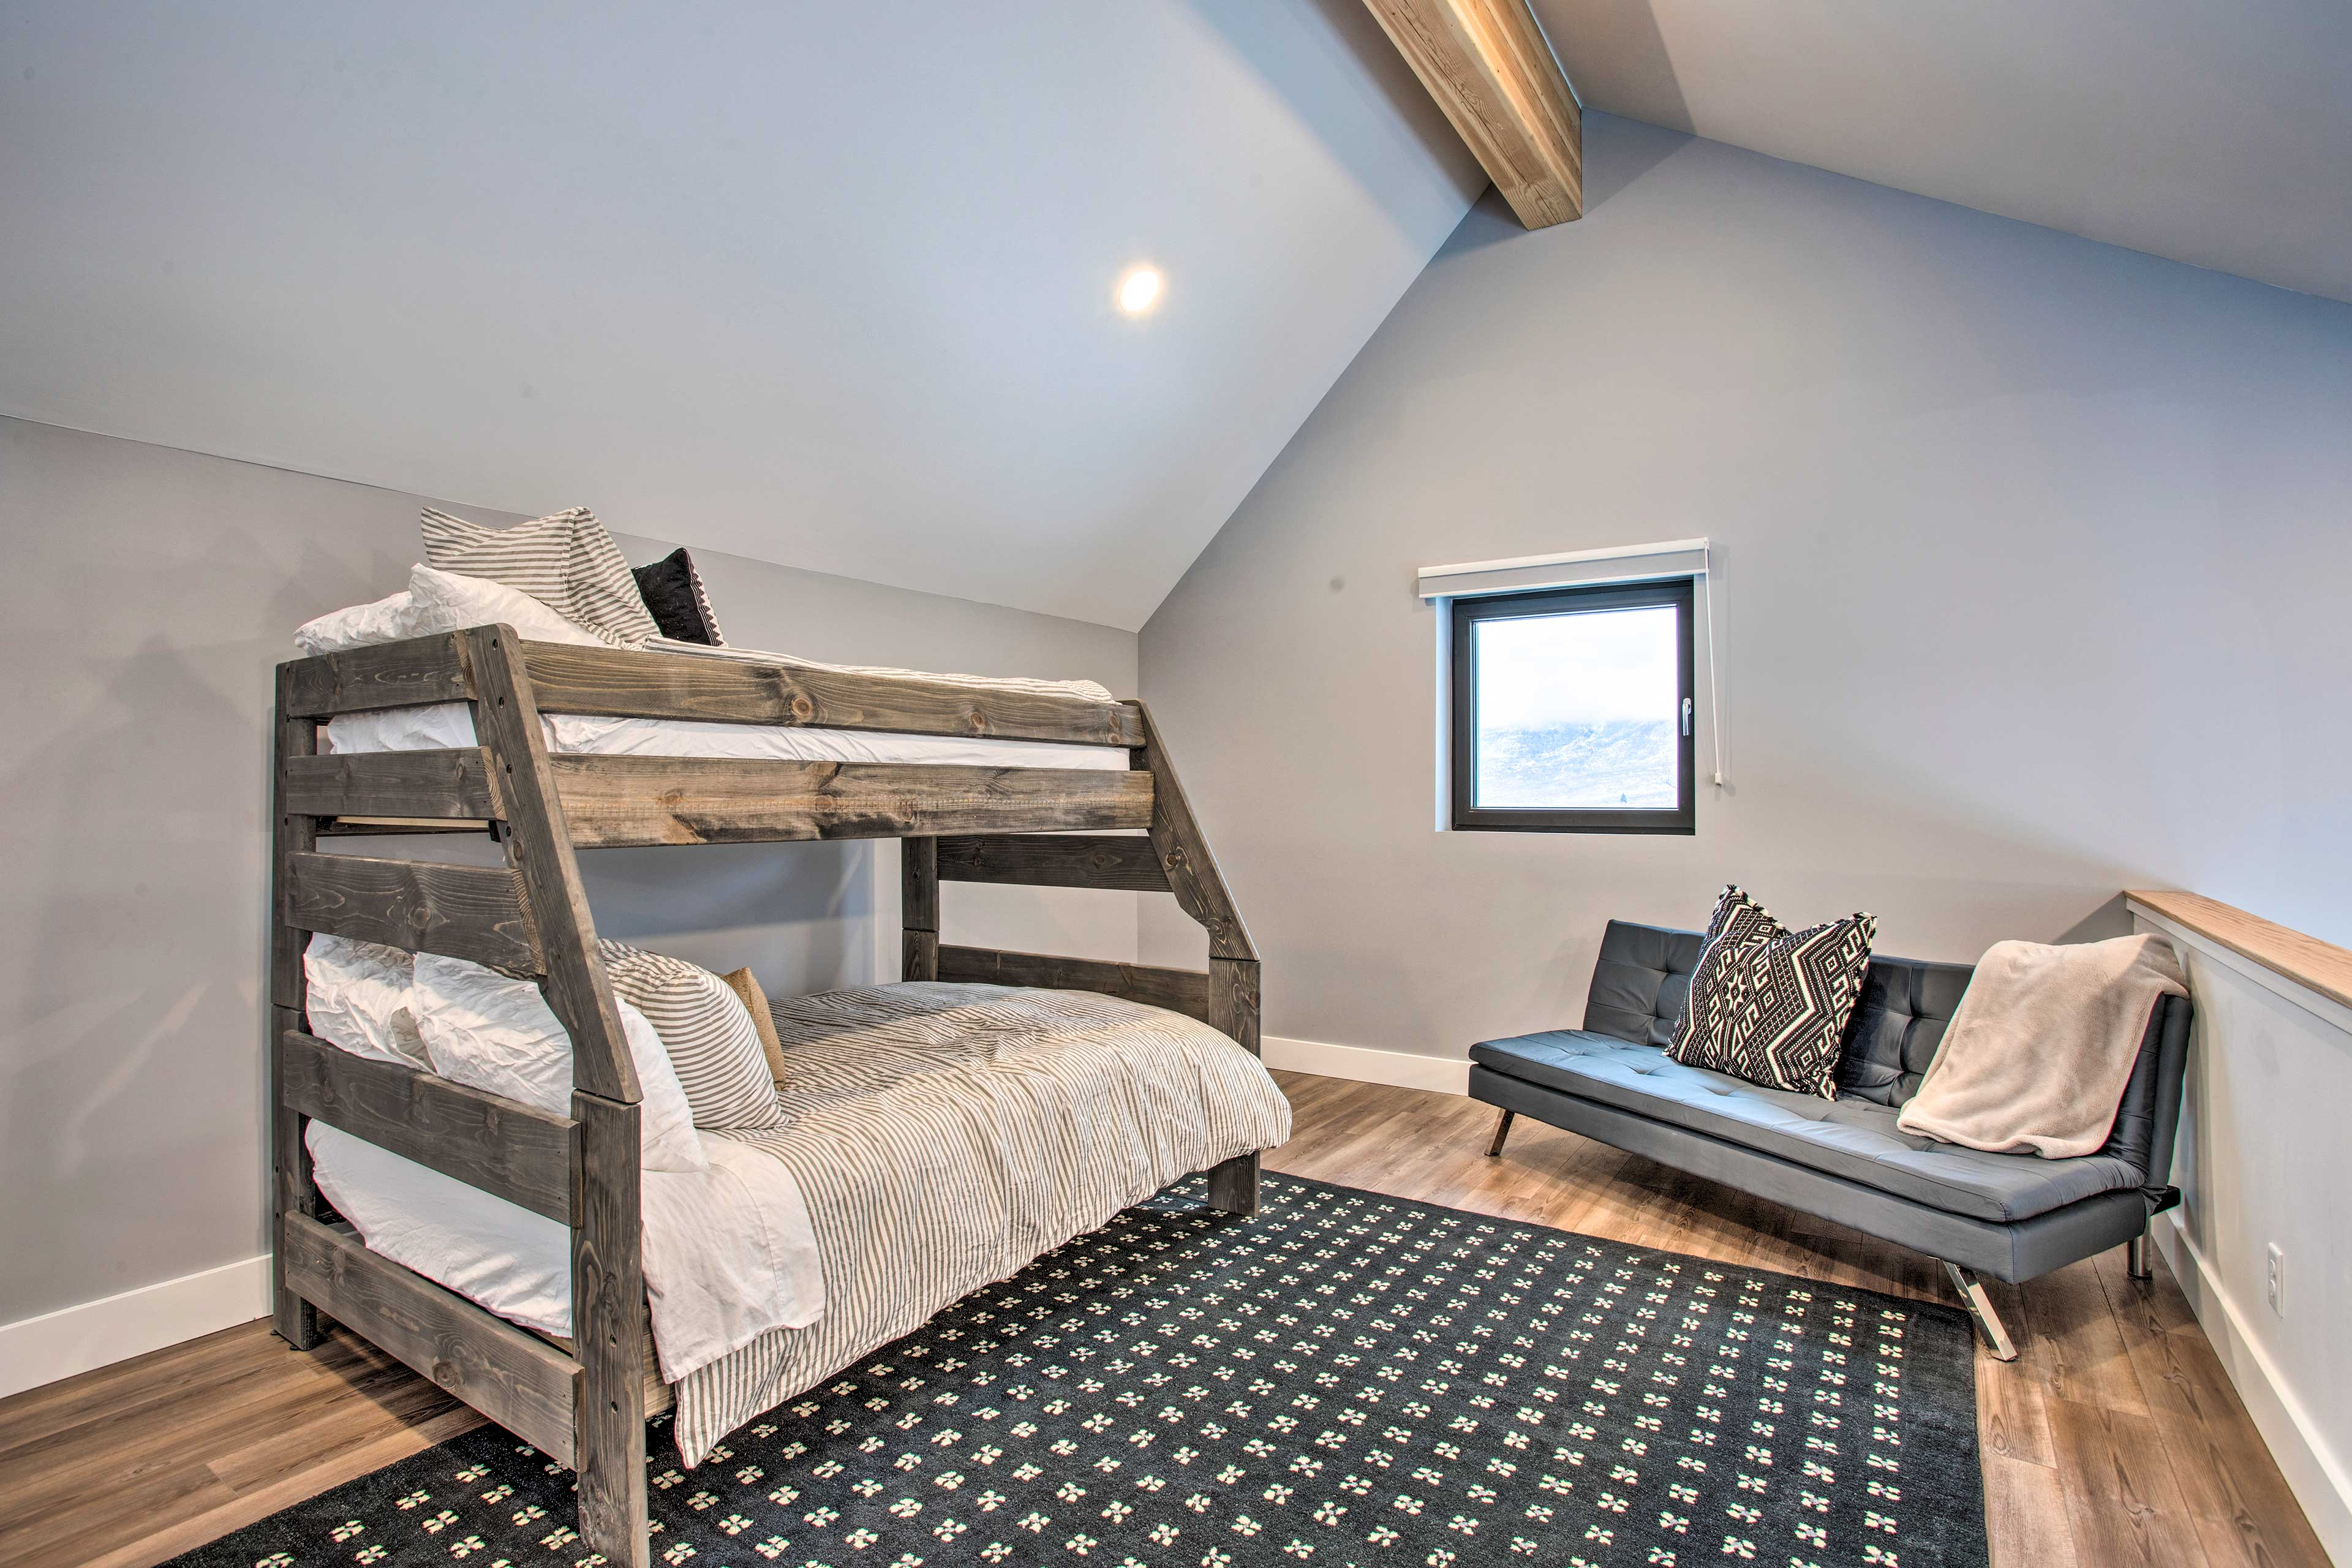 Bedroom 3 (Loft) | Twin/Full Bunk Bed | Second Floor